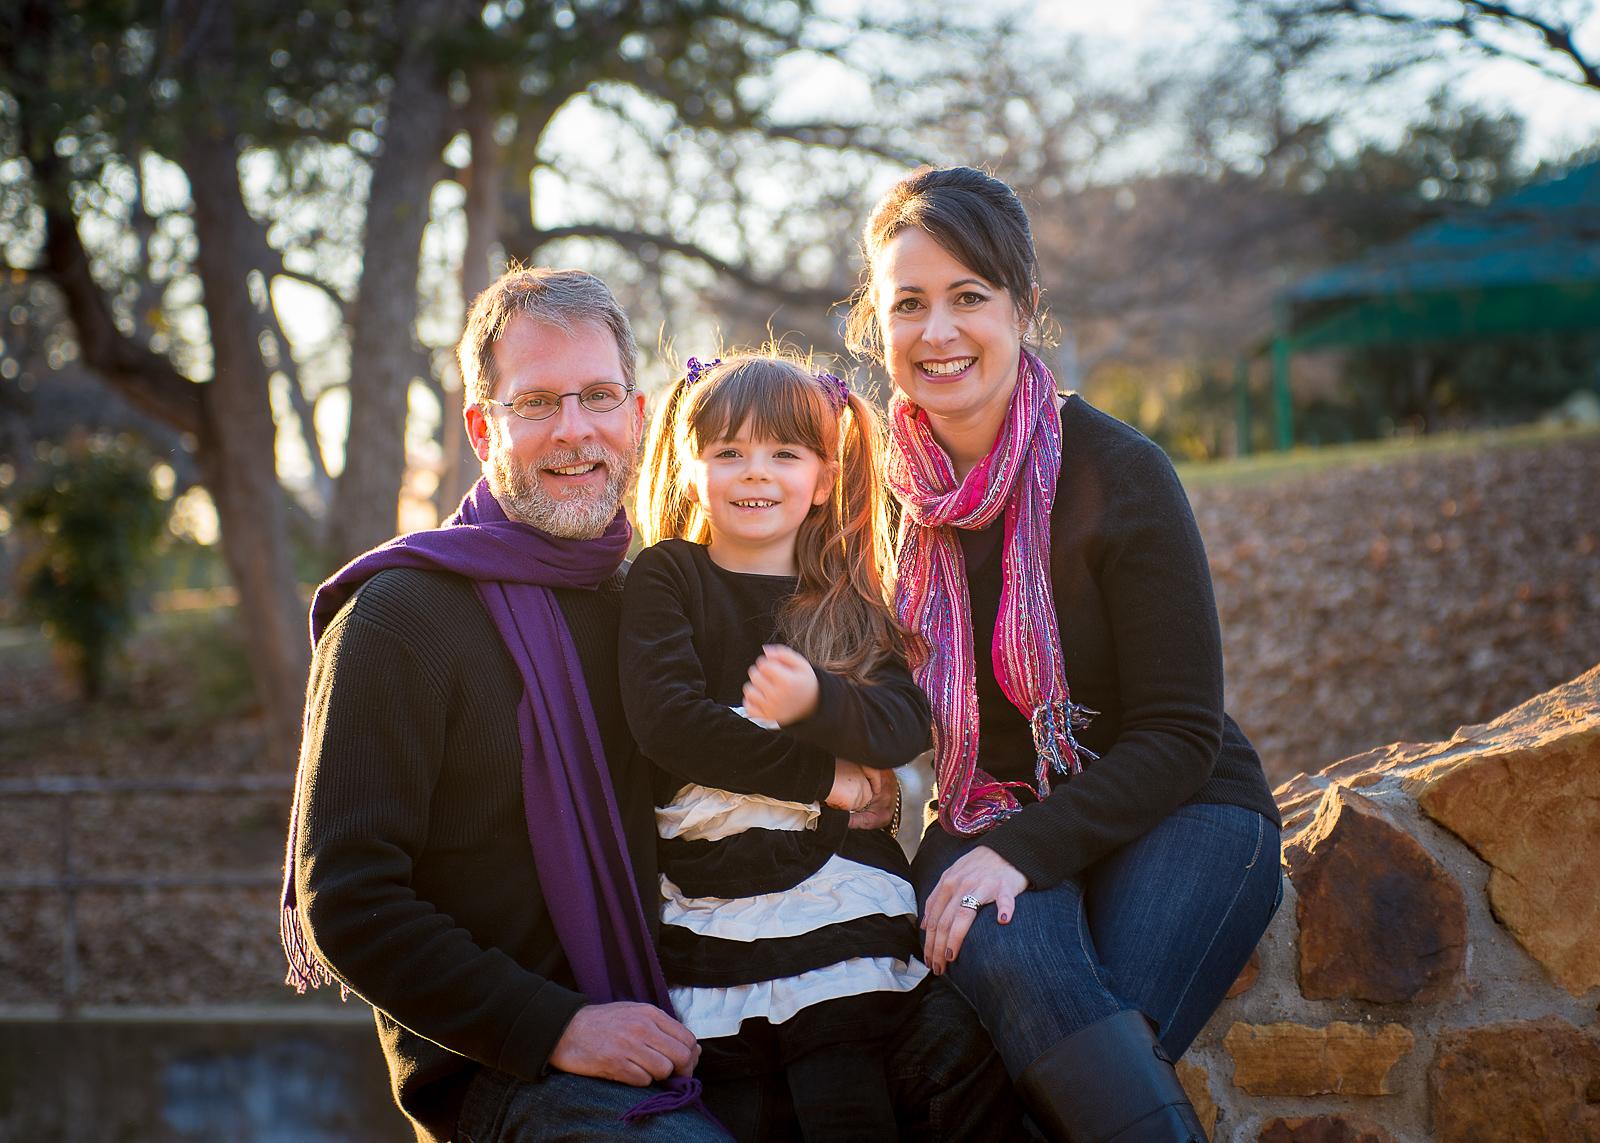 Michael-Napier-Portraits-Families-32.jpg